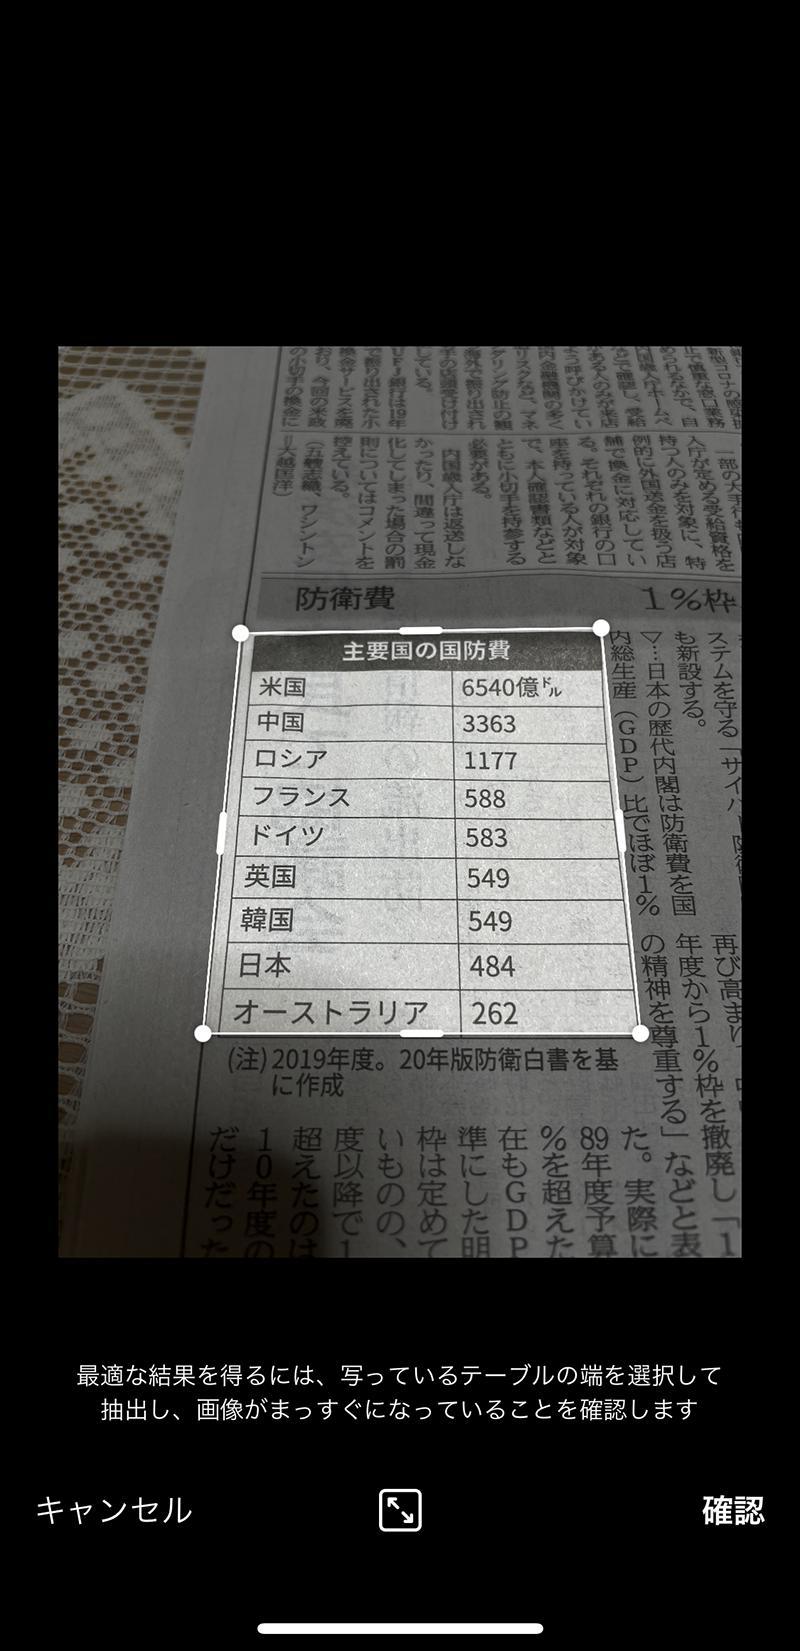 紙の「表」からデータを自動生成する